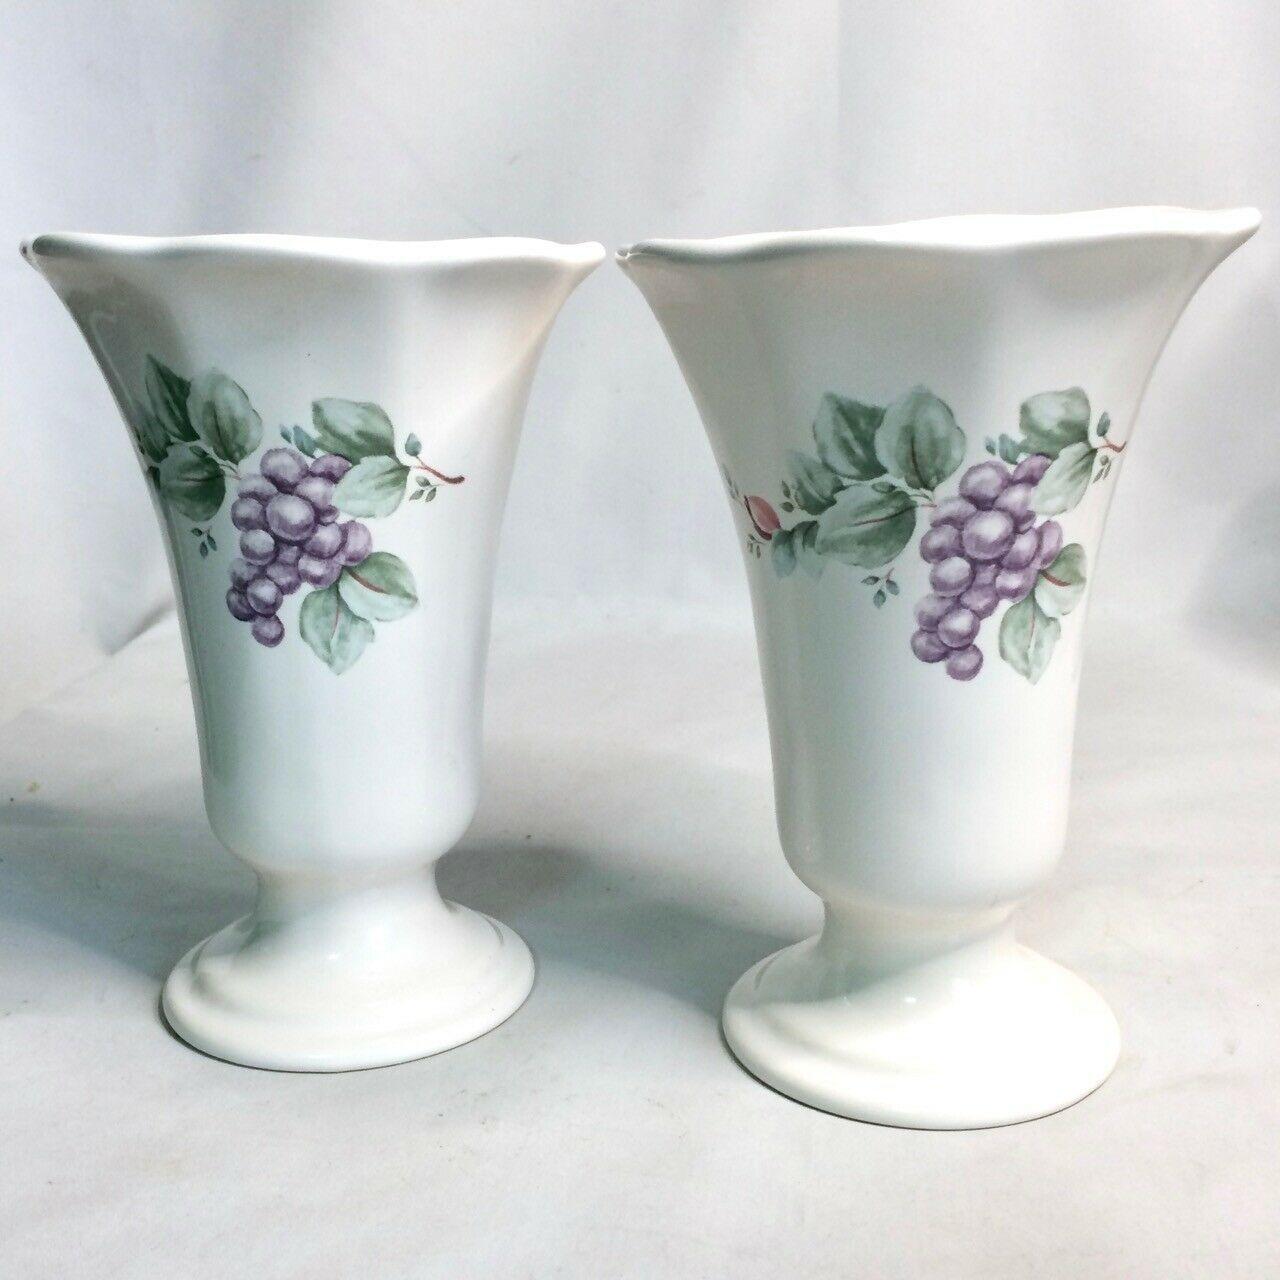 Pfaltzgraff Grapevine Collection Candle Stick Holder / Flower Vase Lot Set of 2 - $23.34